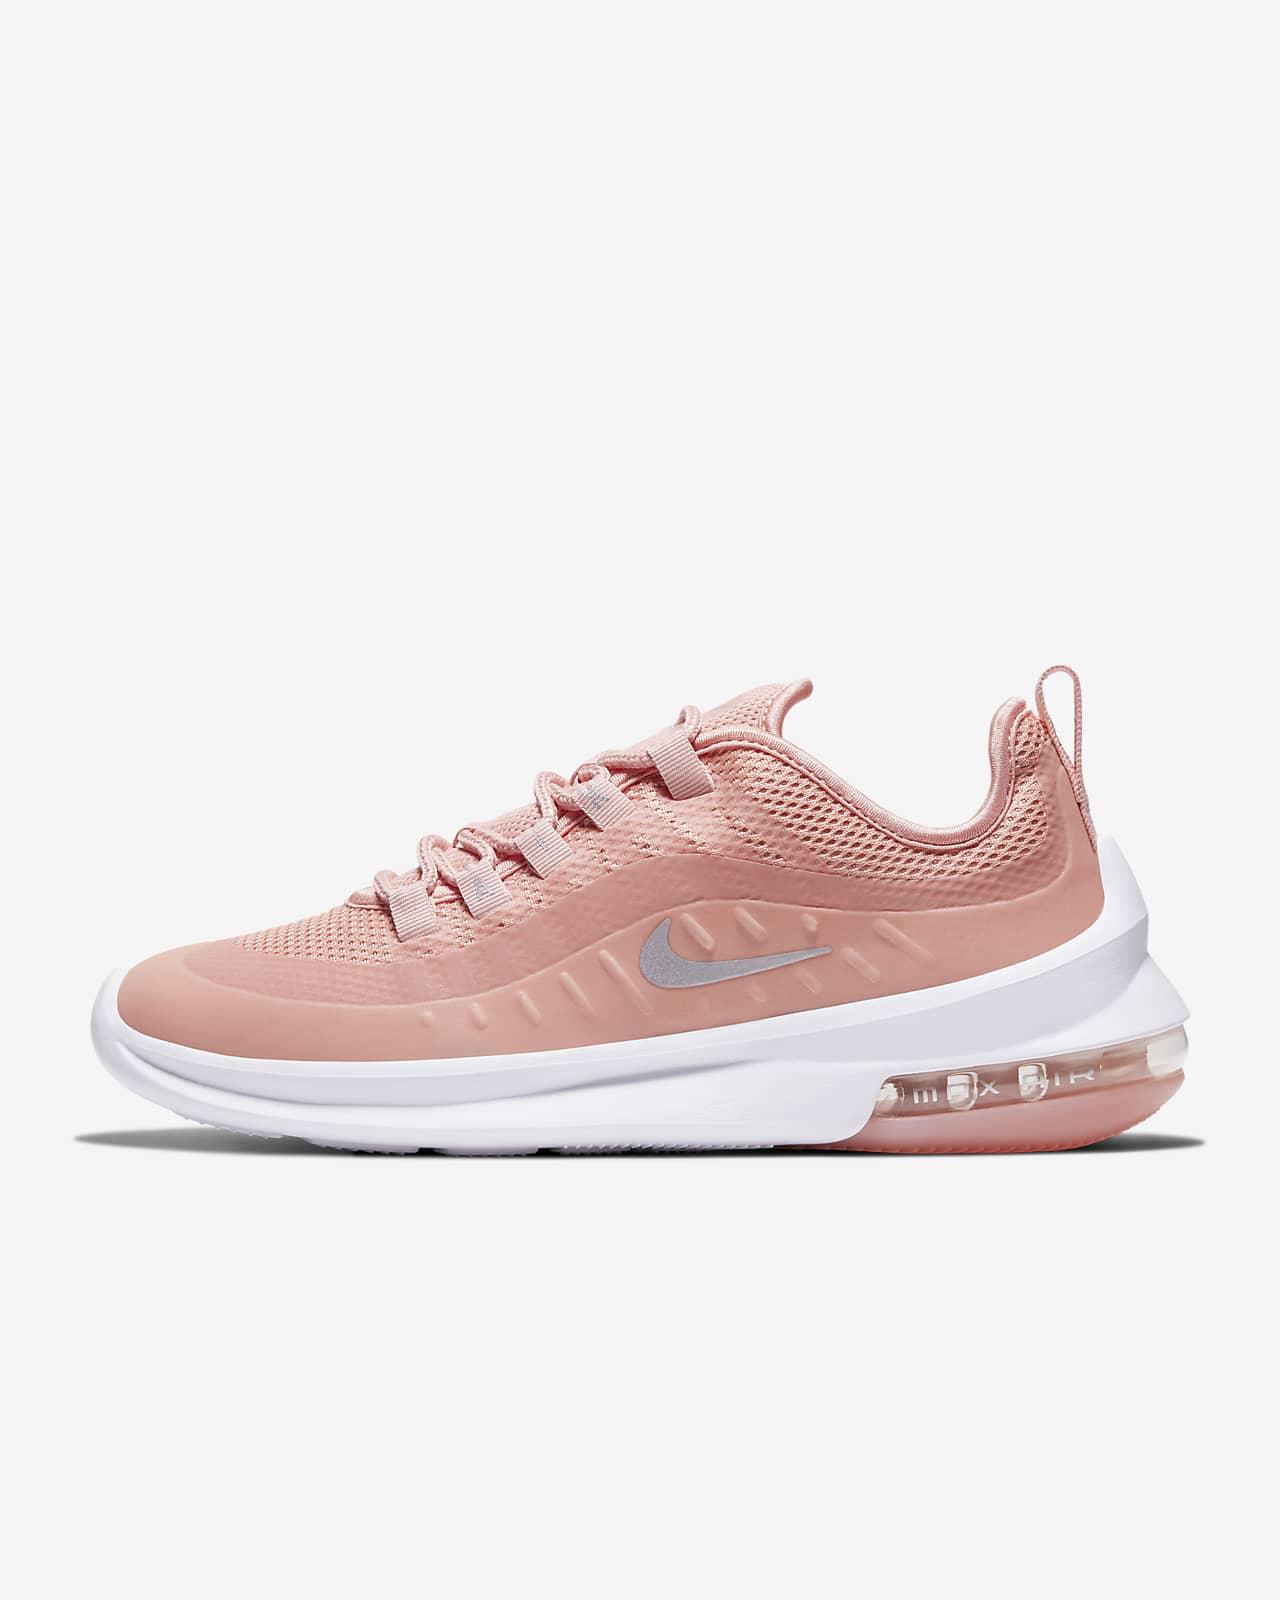 wmns air max axis chaussures de running femme